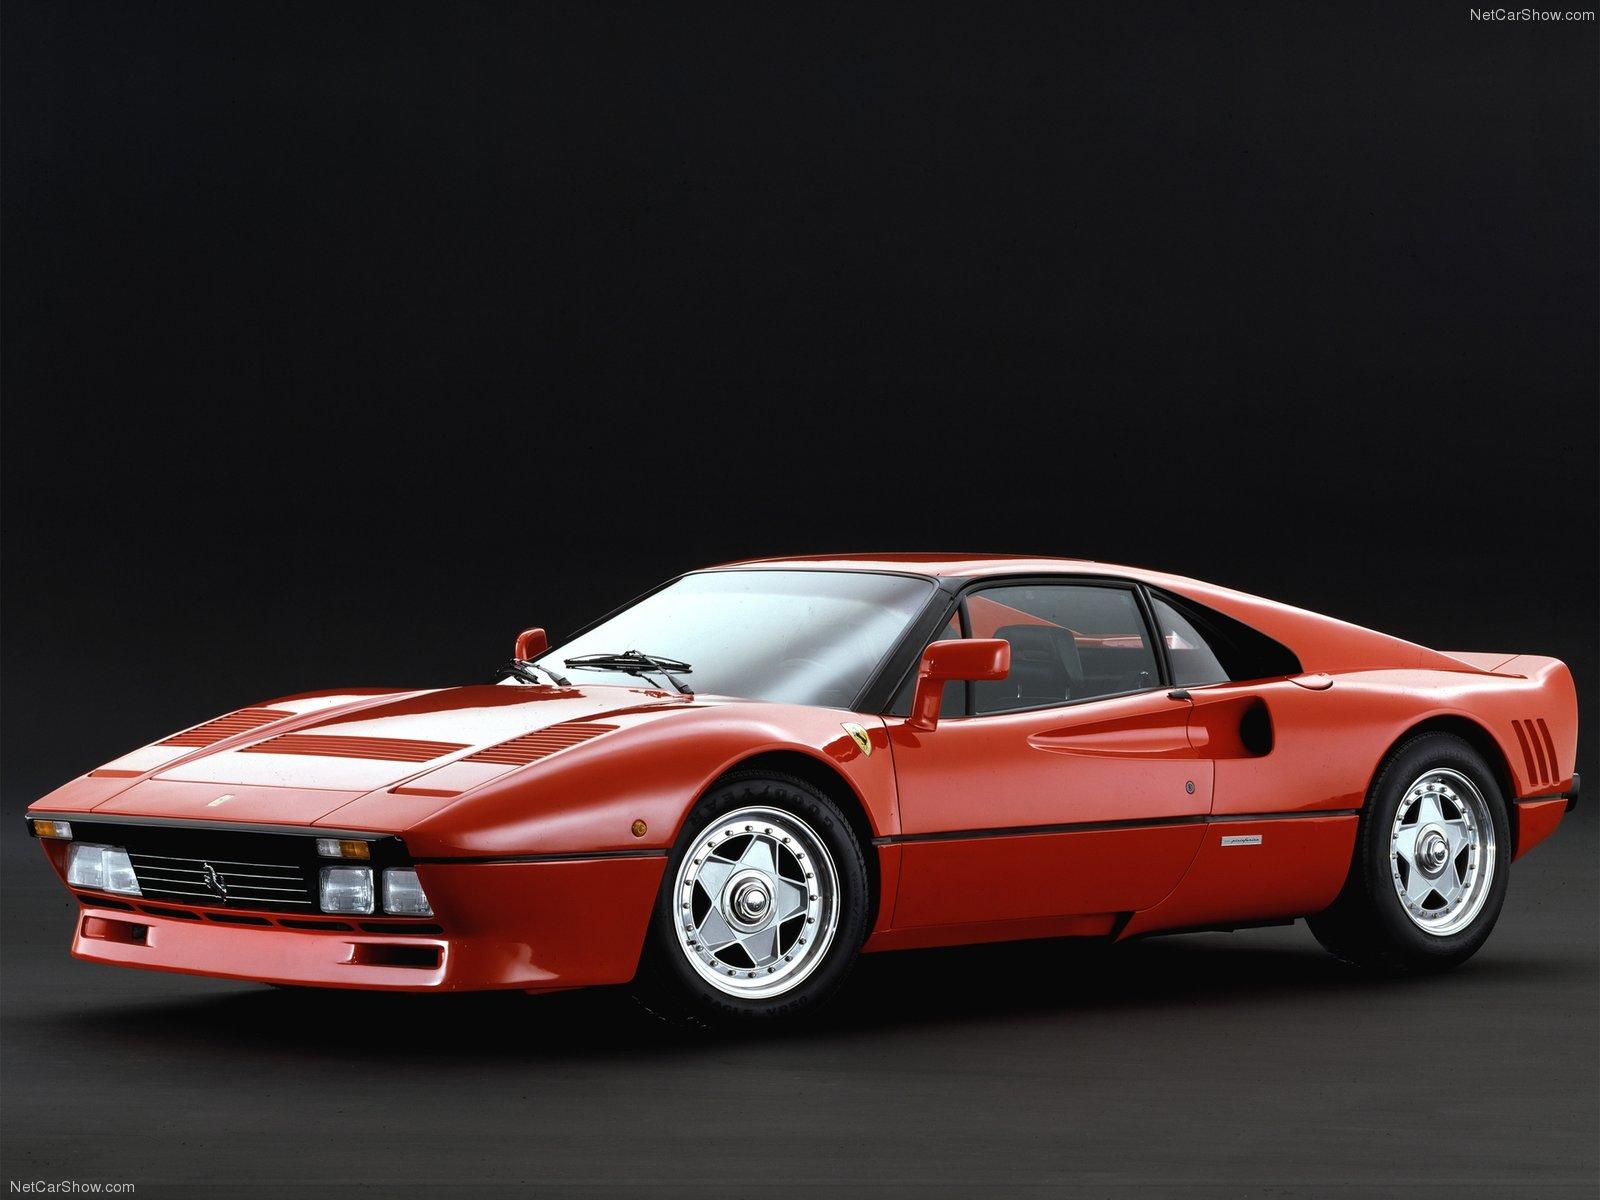 Hình ảnh siêu xe Ferrari 288 GTO 1984 & nội ngoại thất